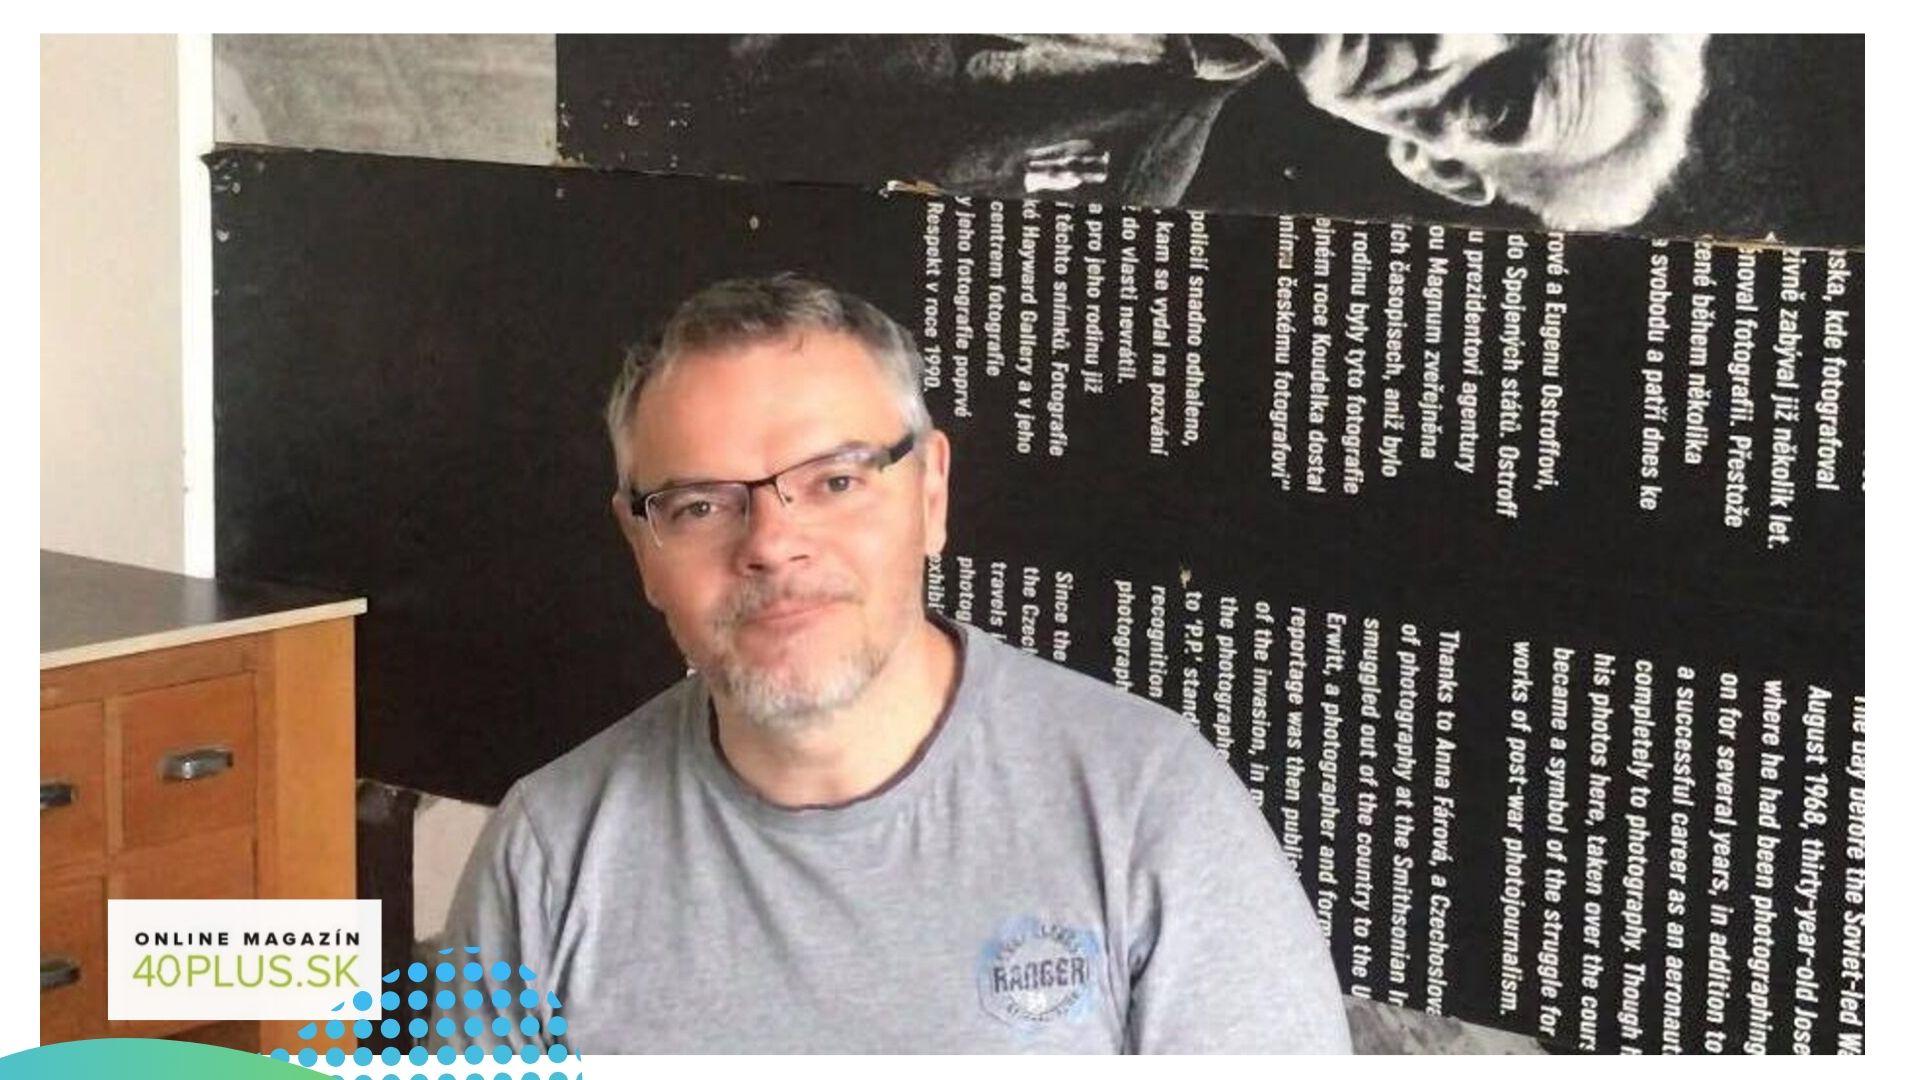 Martin Miler Kam s odpadom Do smetiskovej jamy Magazin 40plus